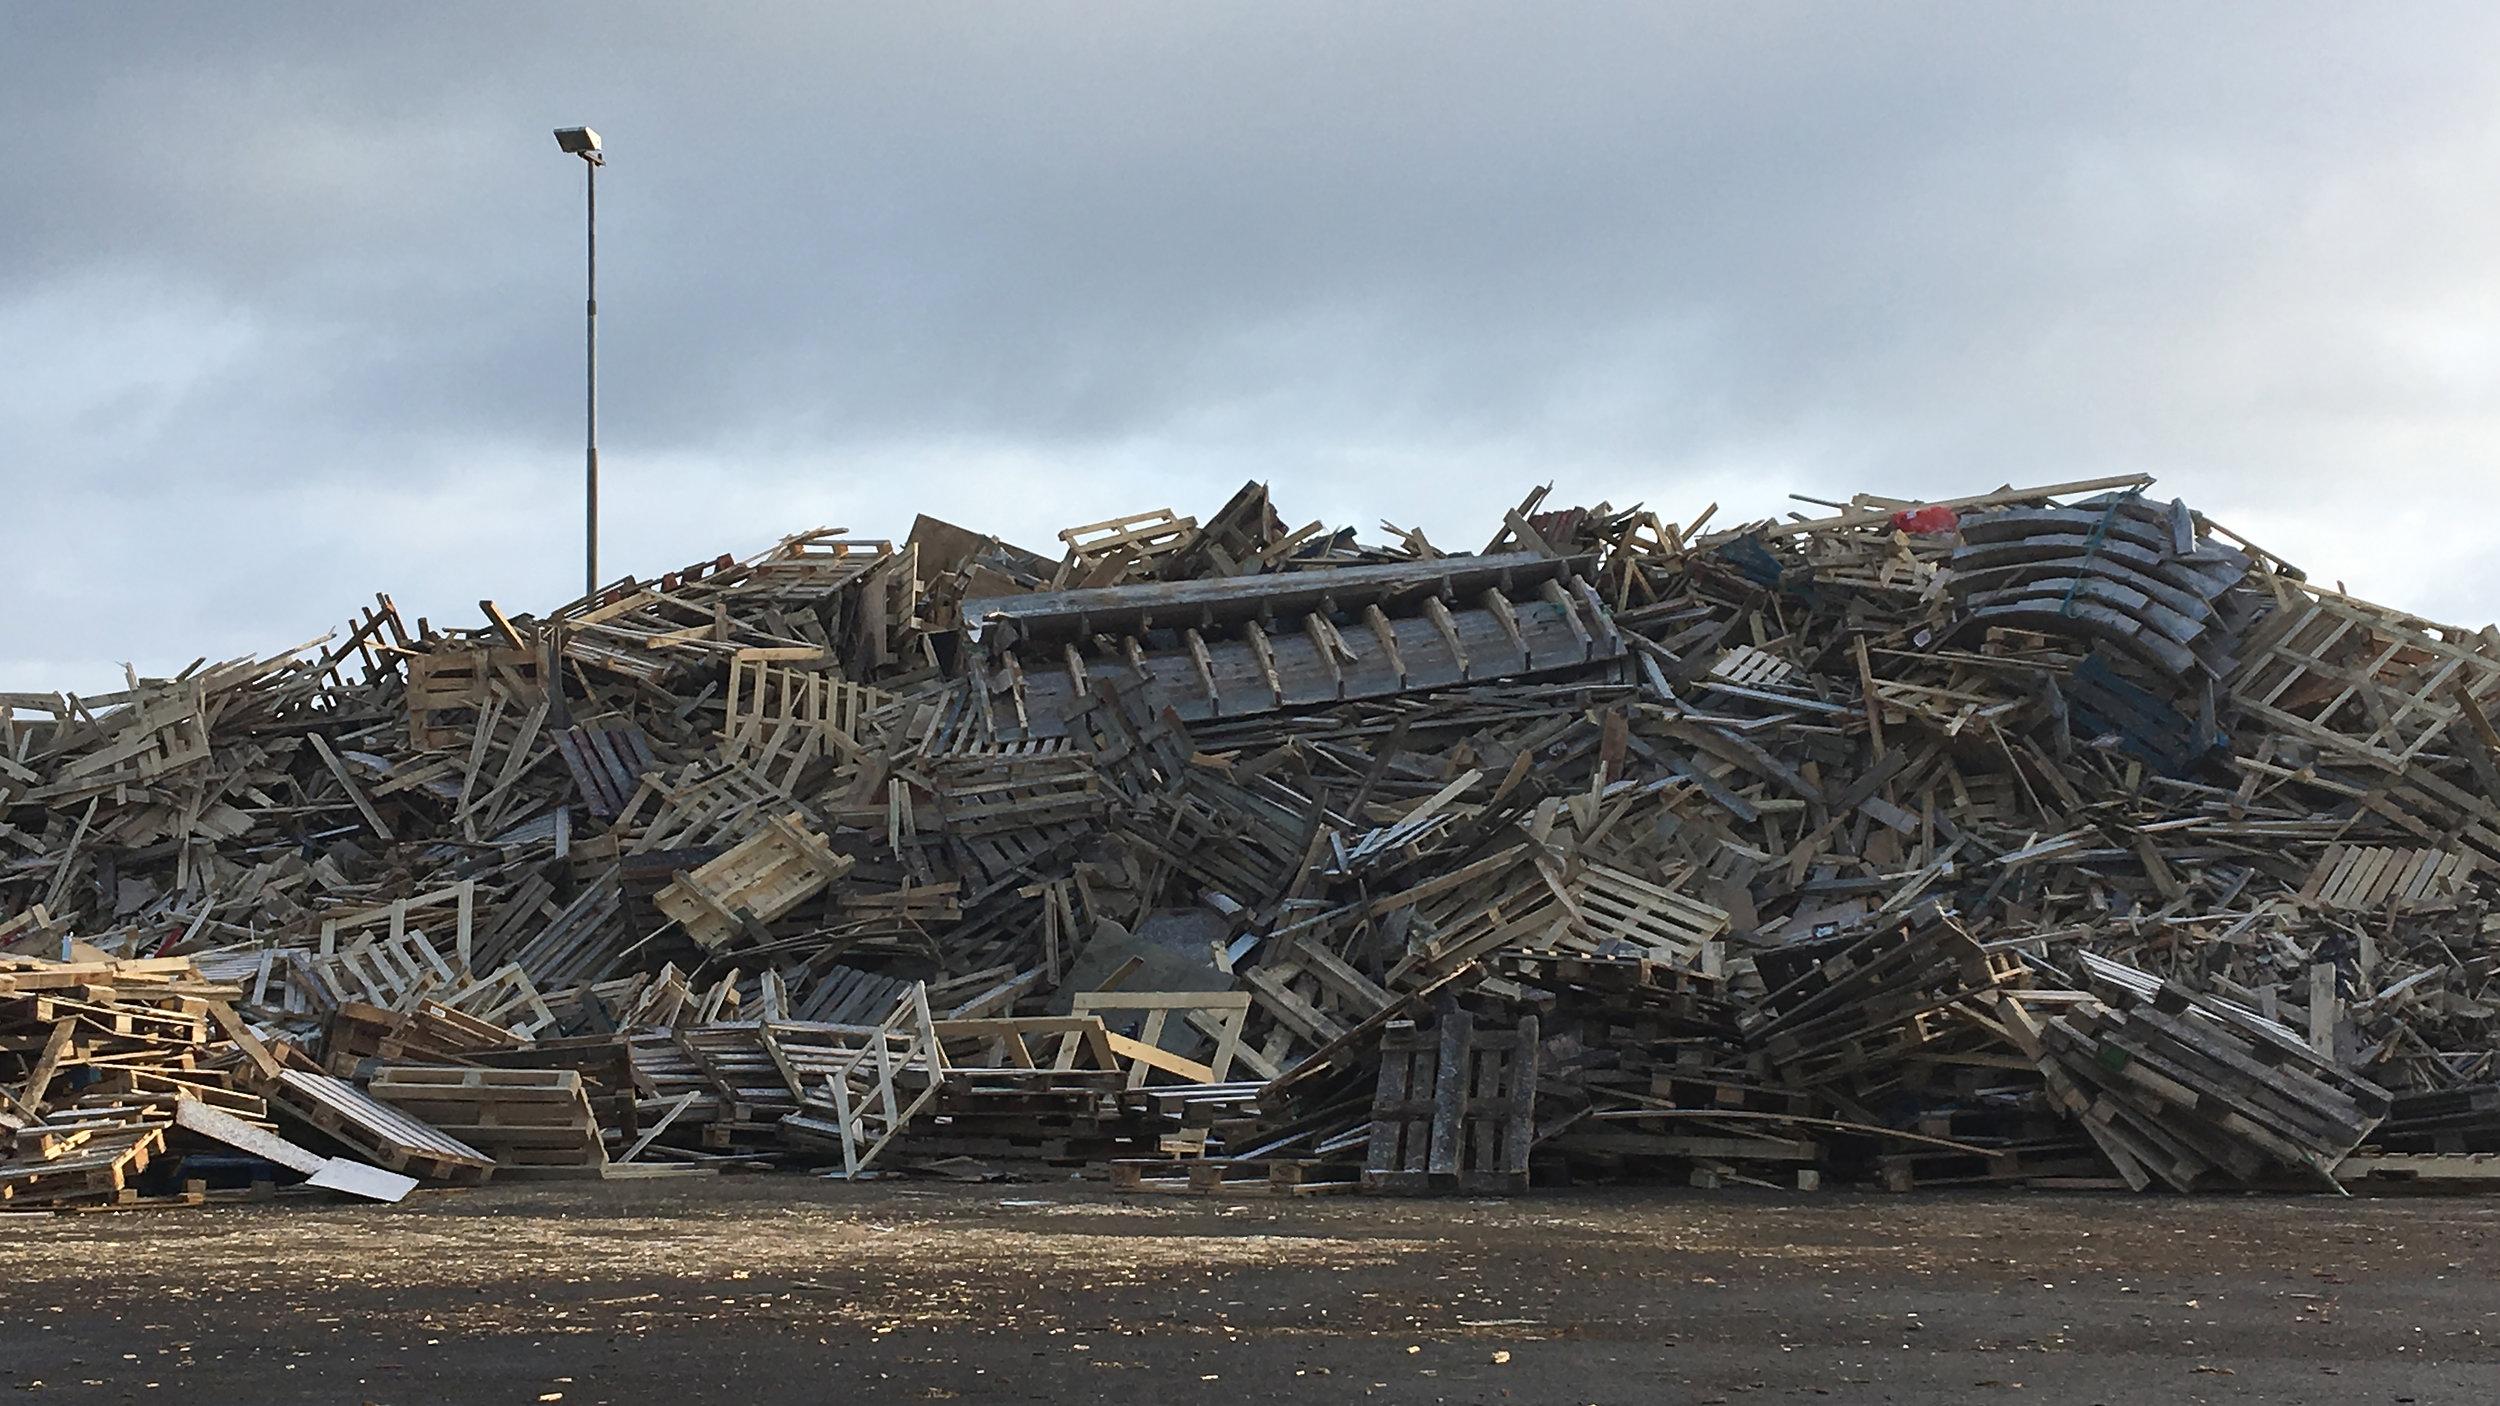 Skriður / Landslide, 2018